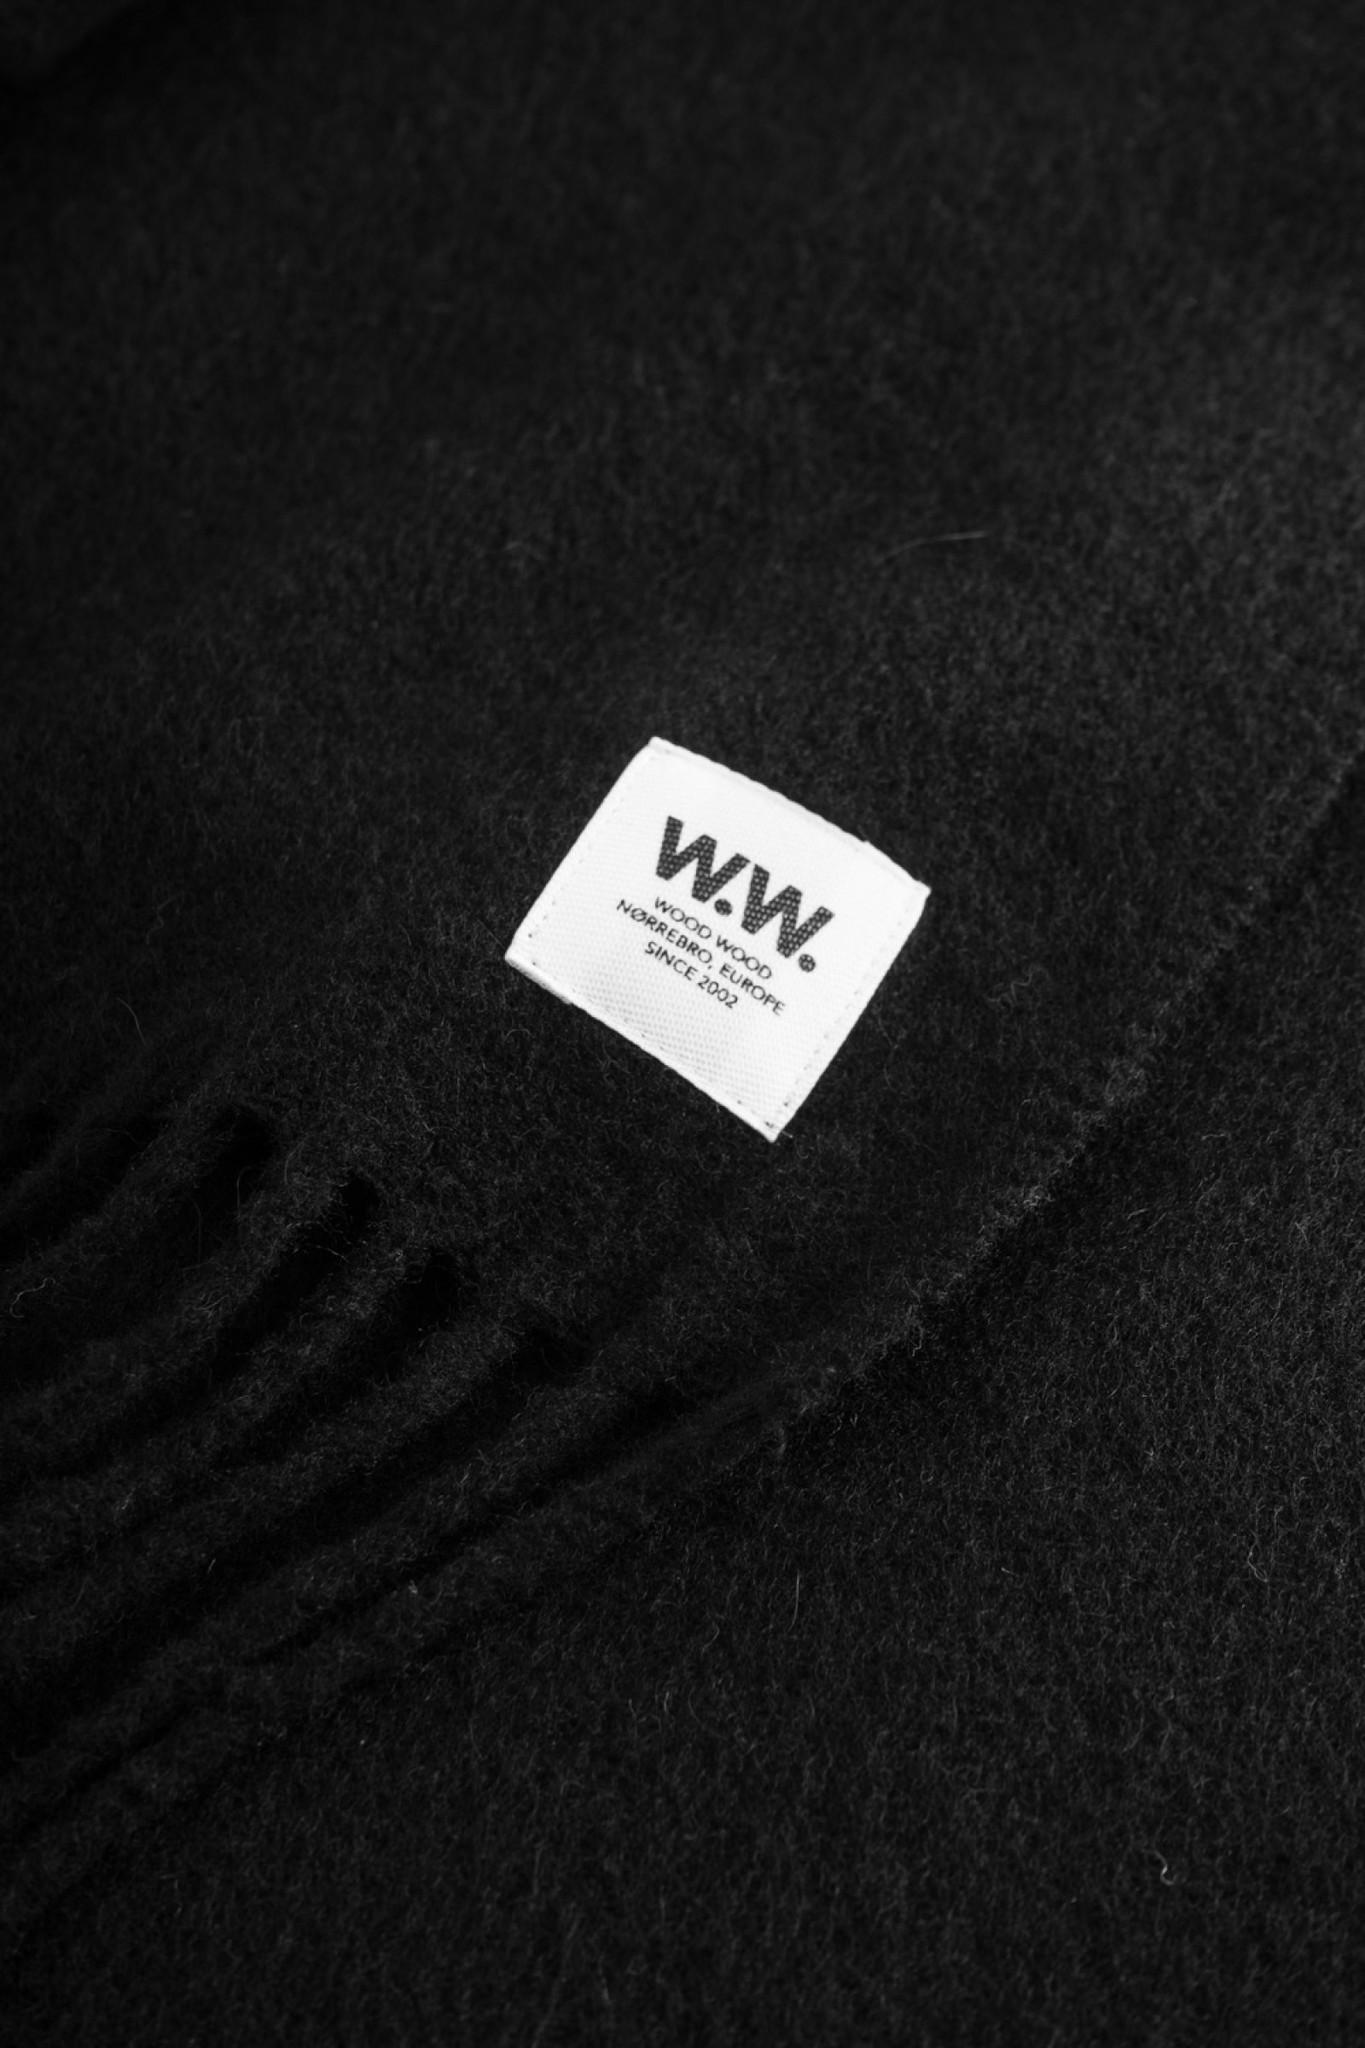 karlo Scarf Black Wool-2